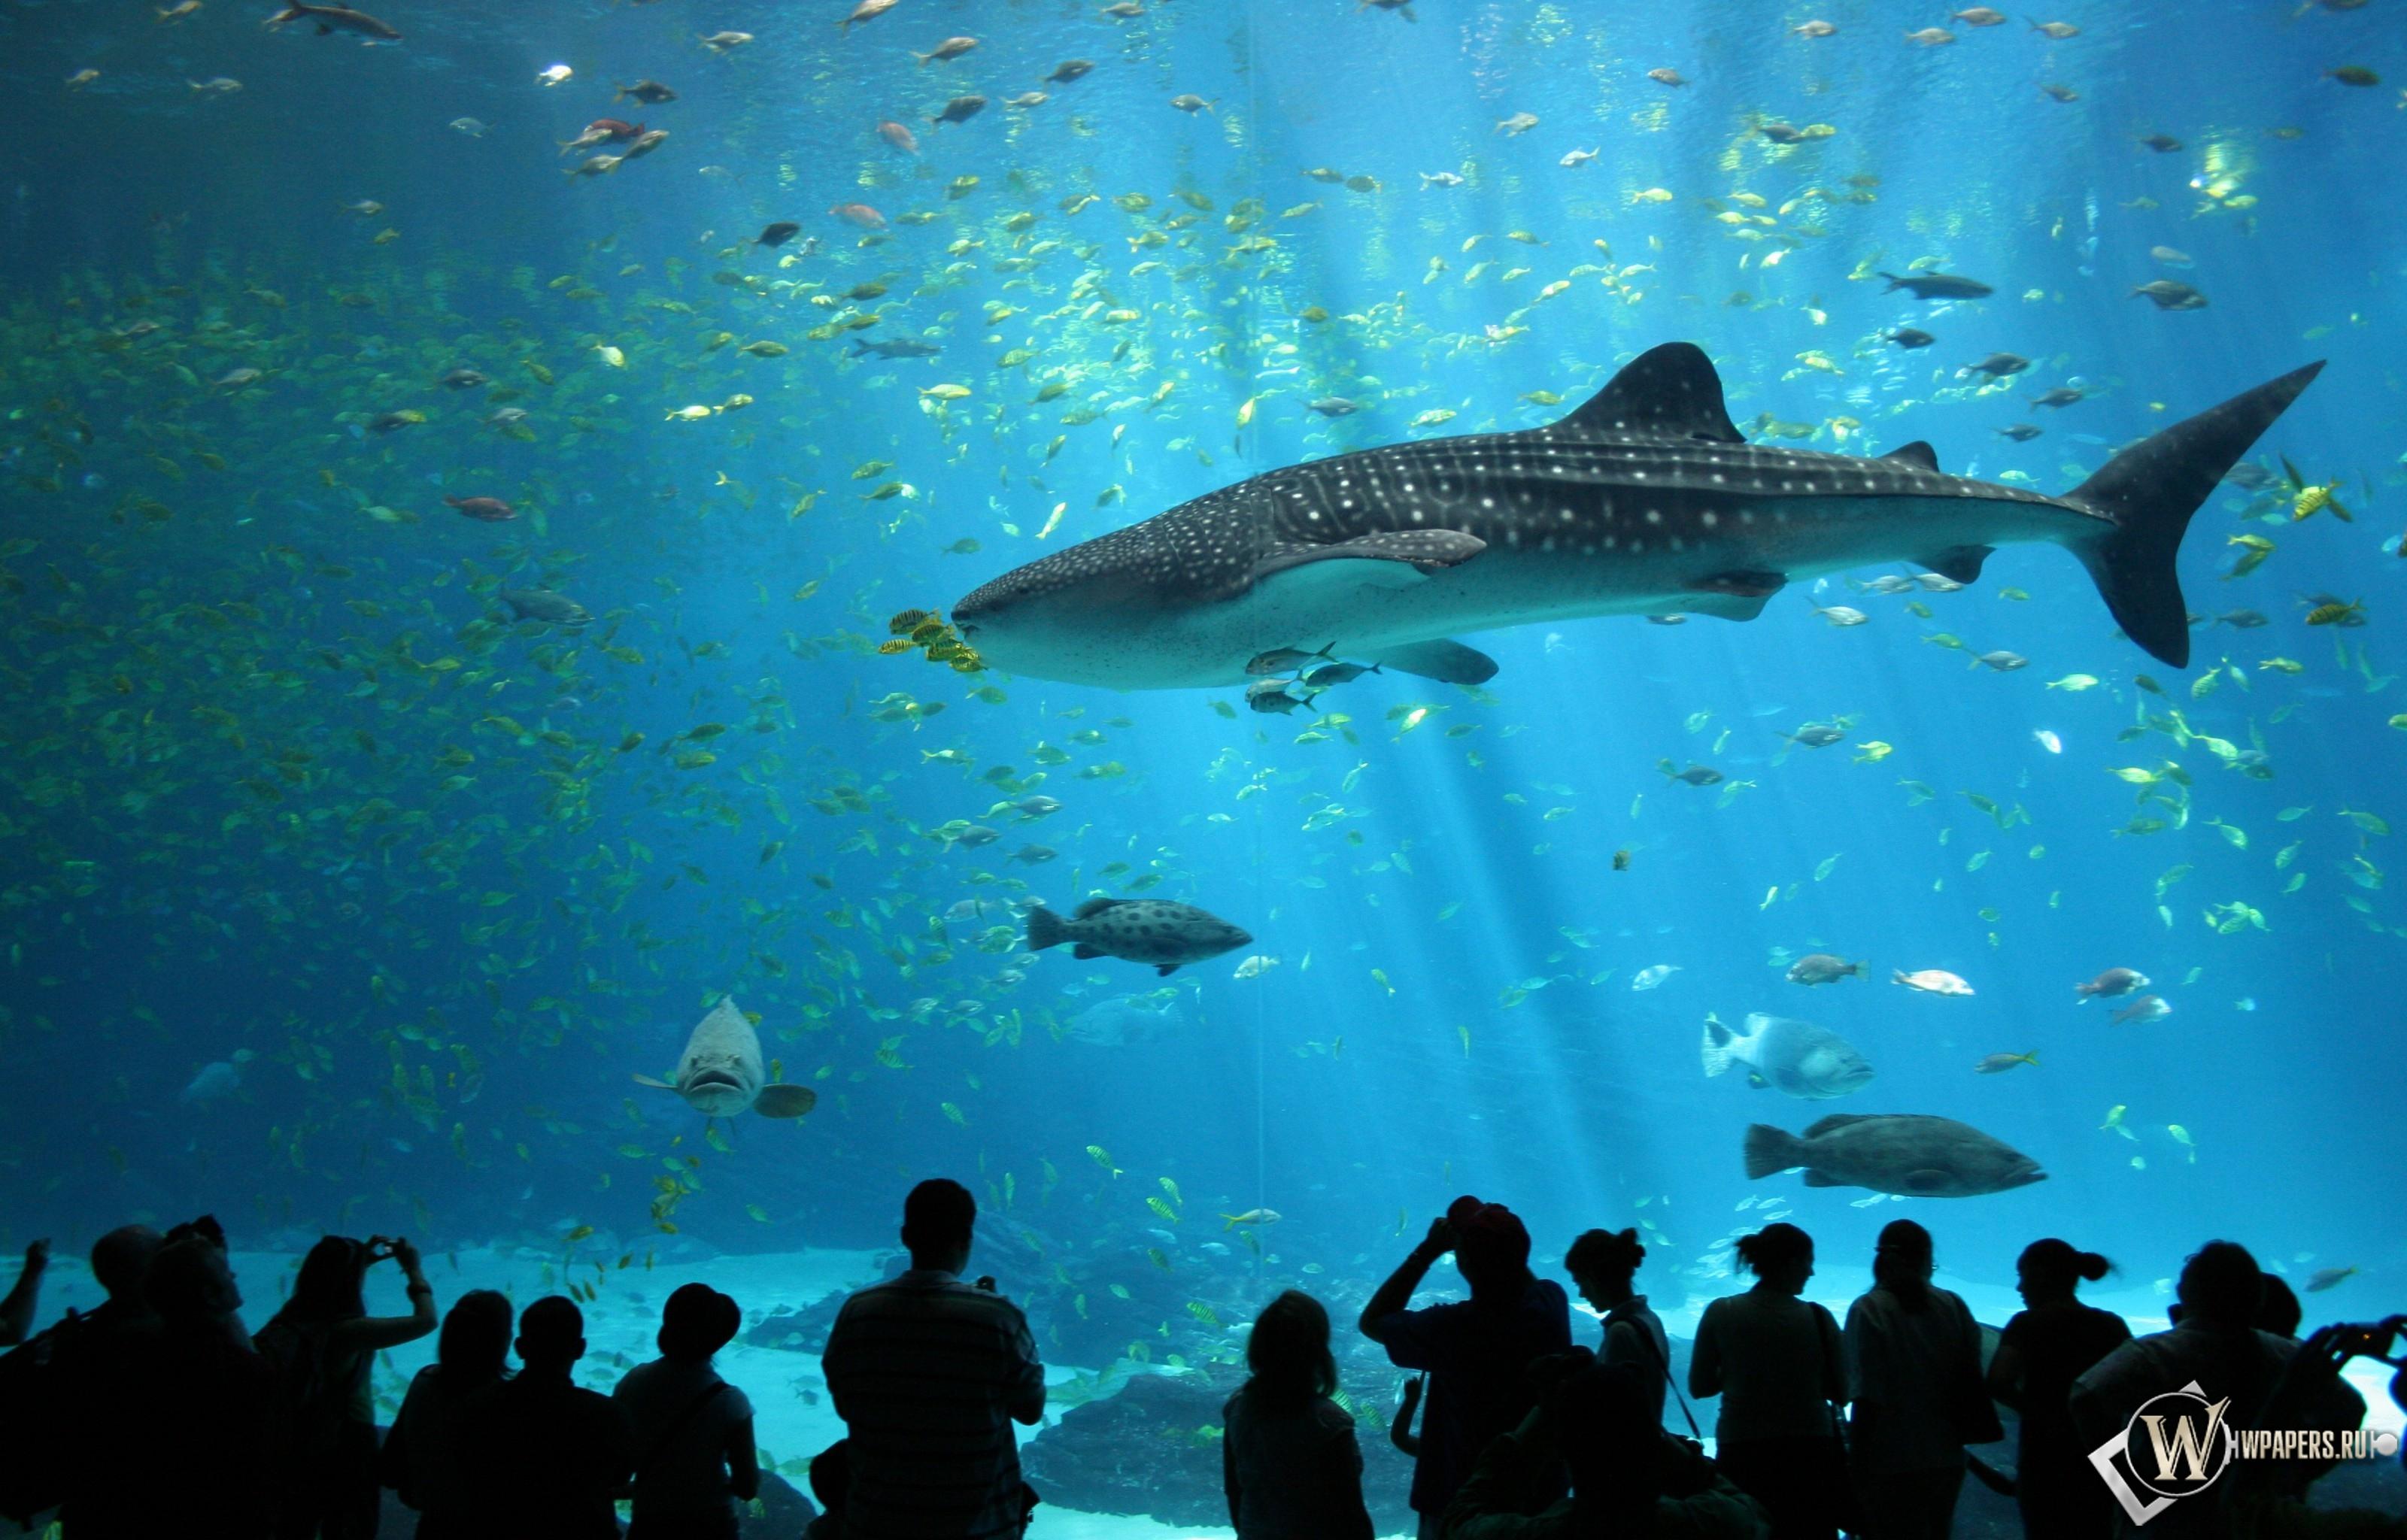 Акула в аквариуме 3200x2048